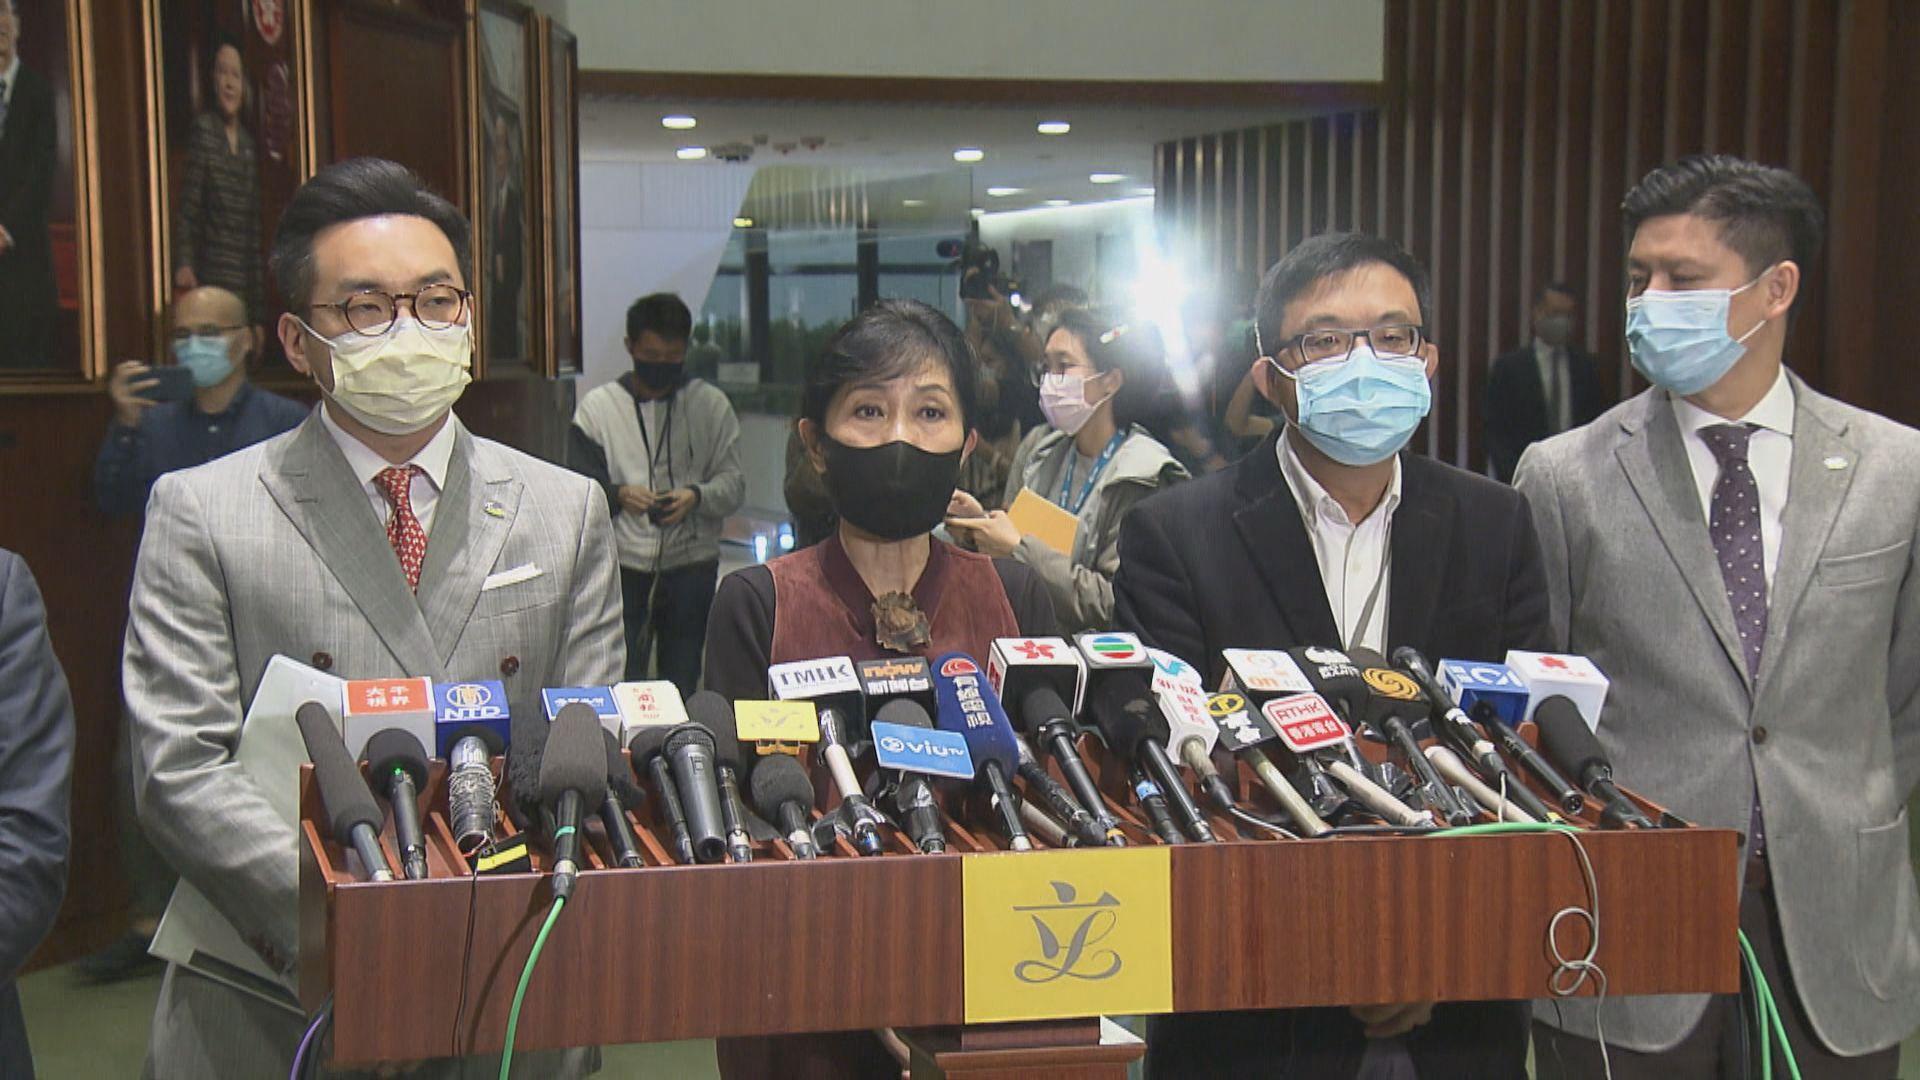 毛孟靜:外交部做法如宣布一國兩制死亡